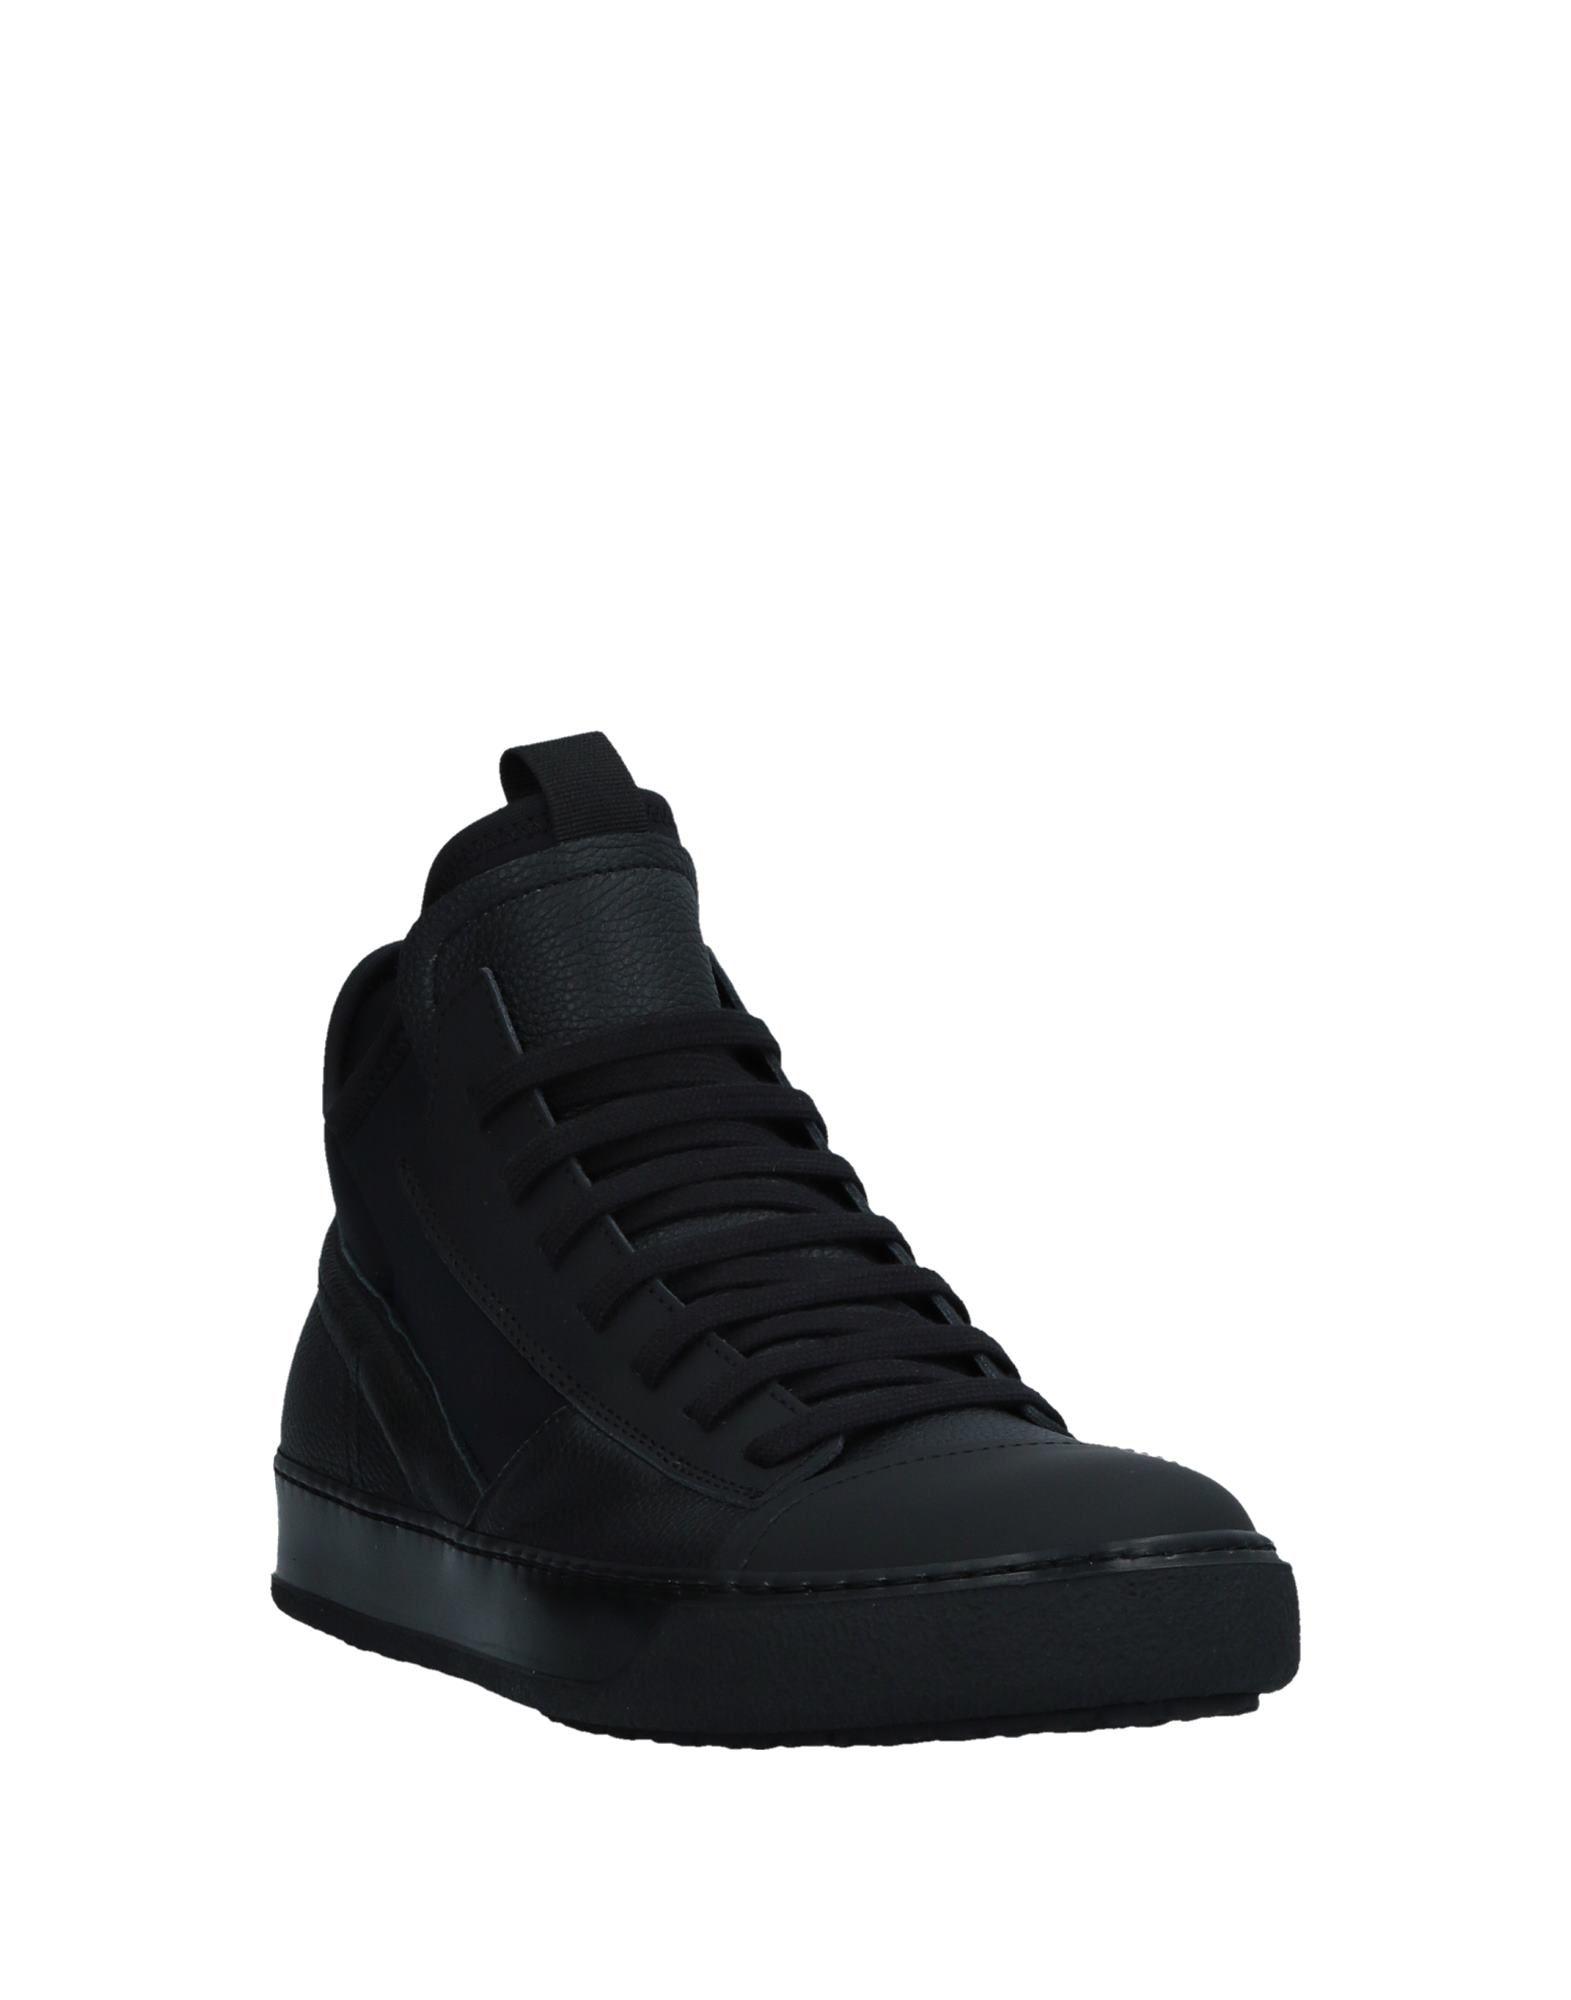 Bruno Schuhe Bordese Sneakers Herren  11527276NM Neue Schuhe Bruno 3e3cf6